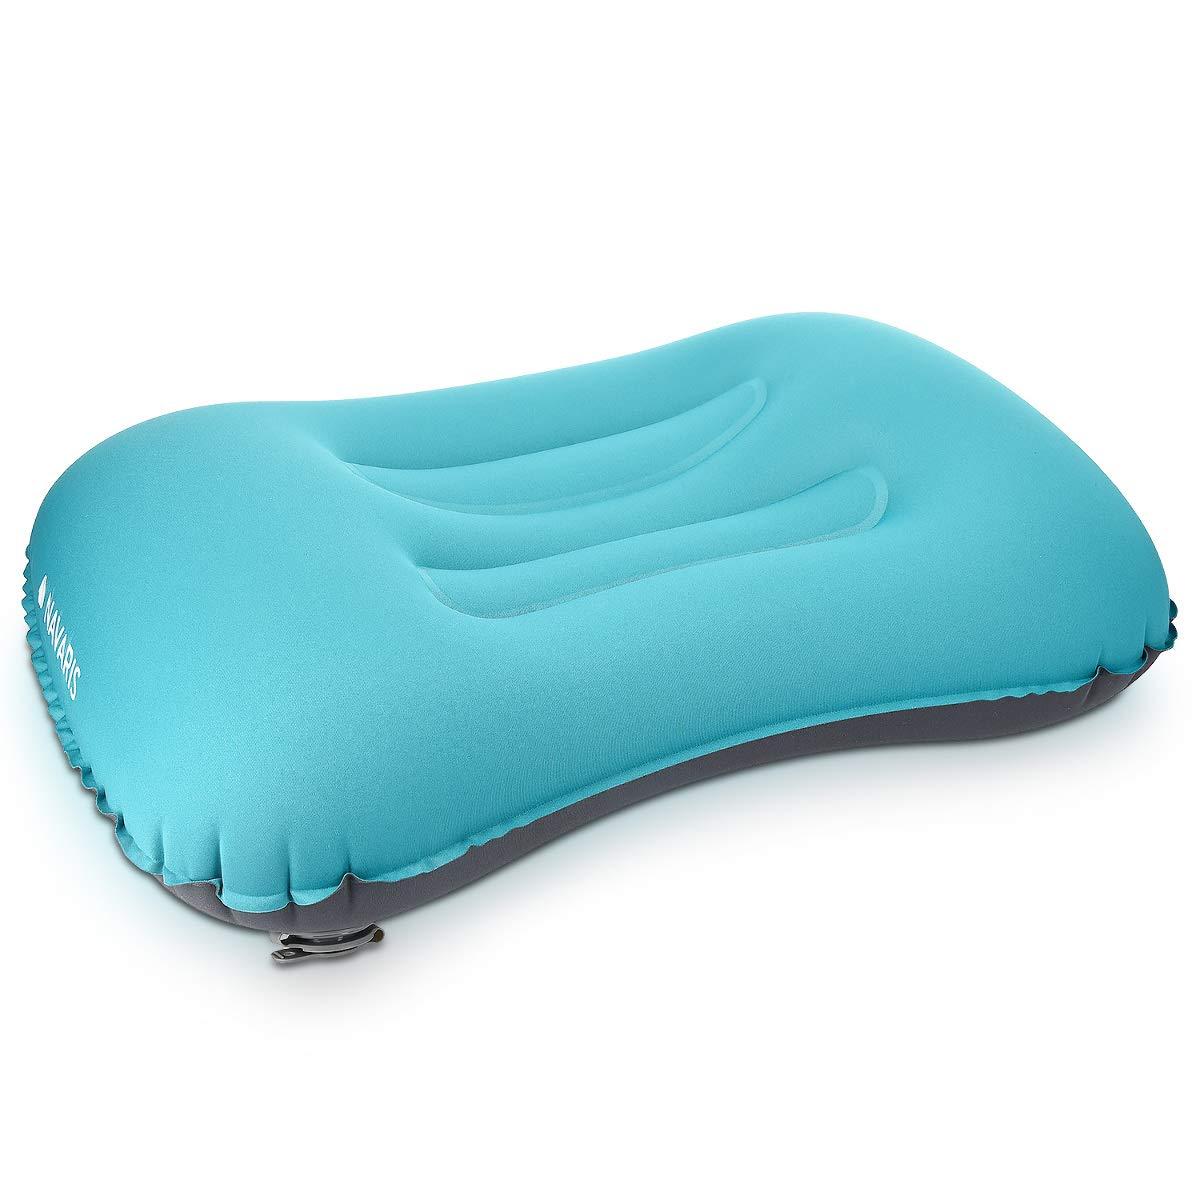 Oreiller de Voyage Gonflable Ultral/éger et Confortable Coussin Gonflable Compressible pour Camping Randonn/ée Plage Navaris Oreiller de Camping